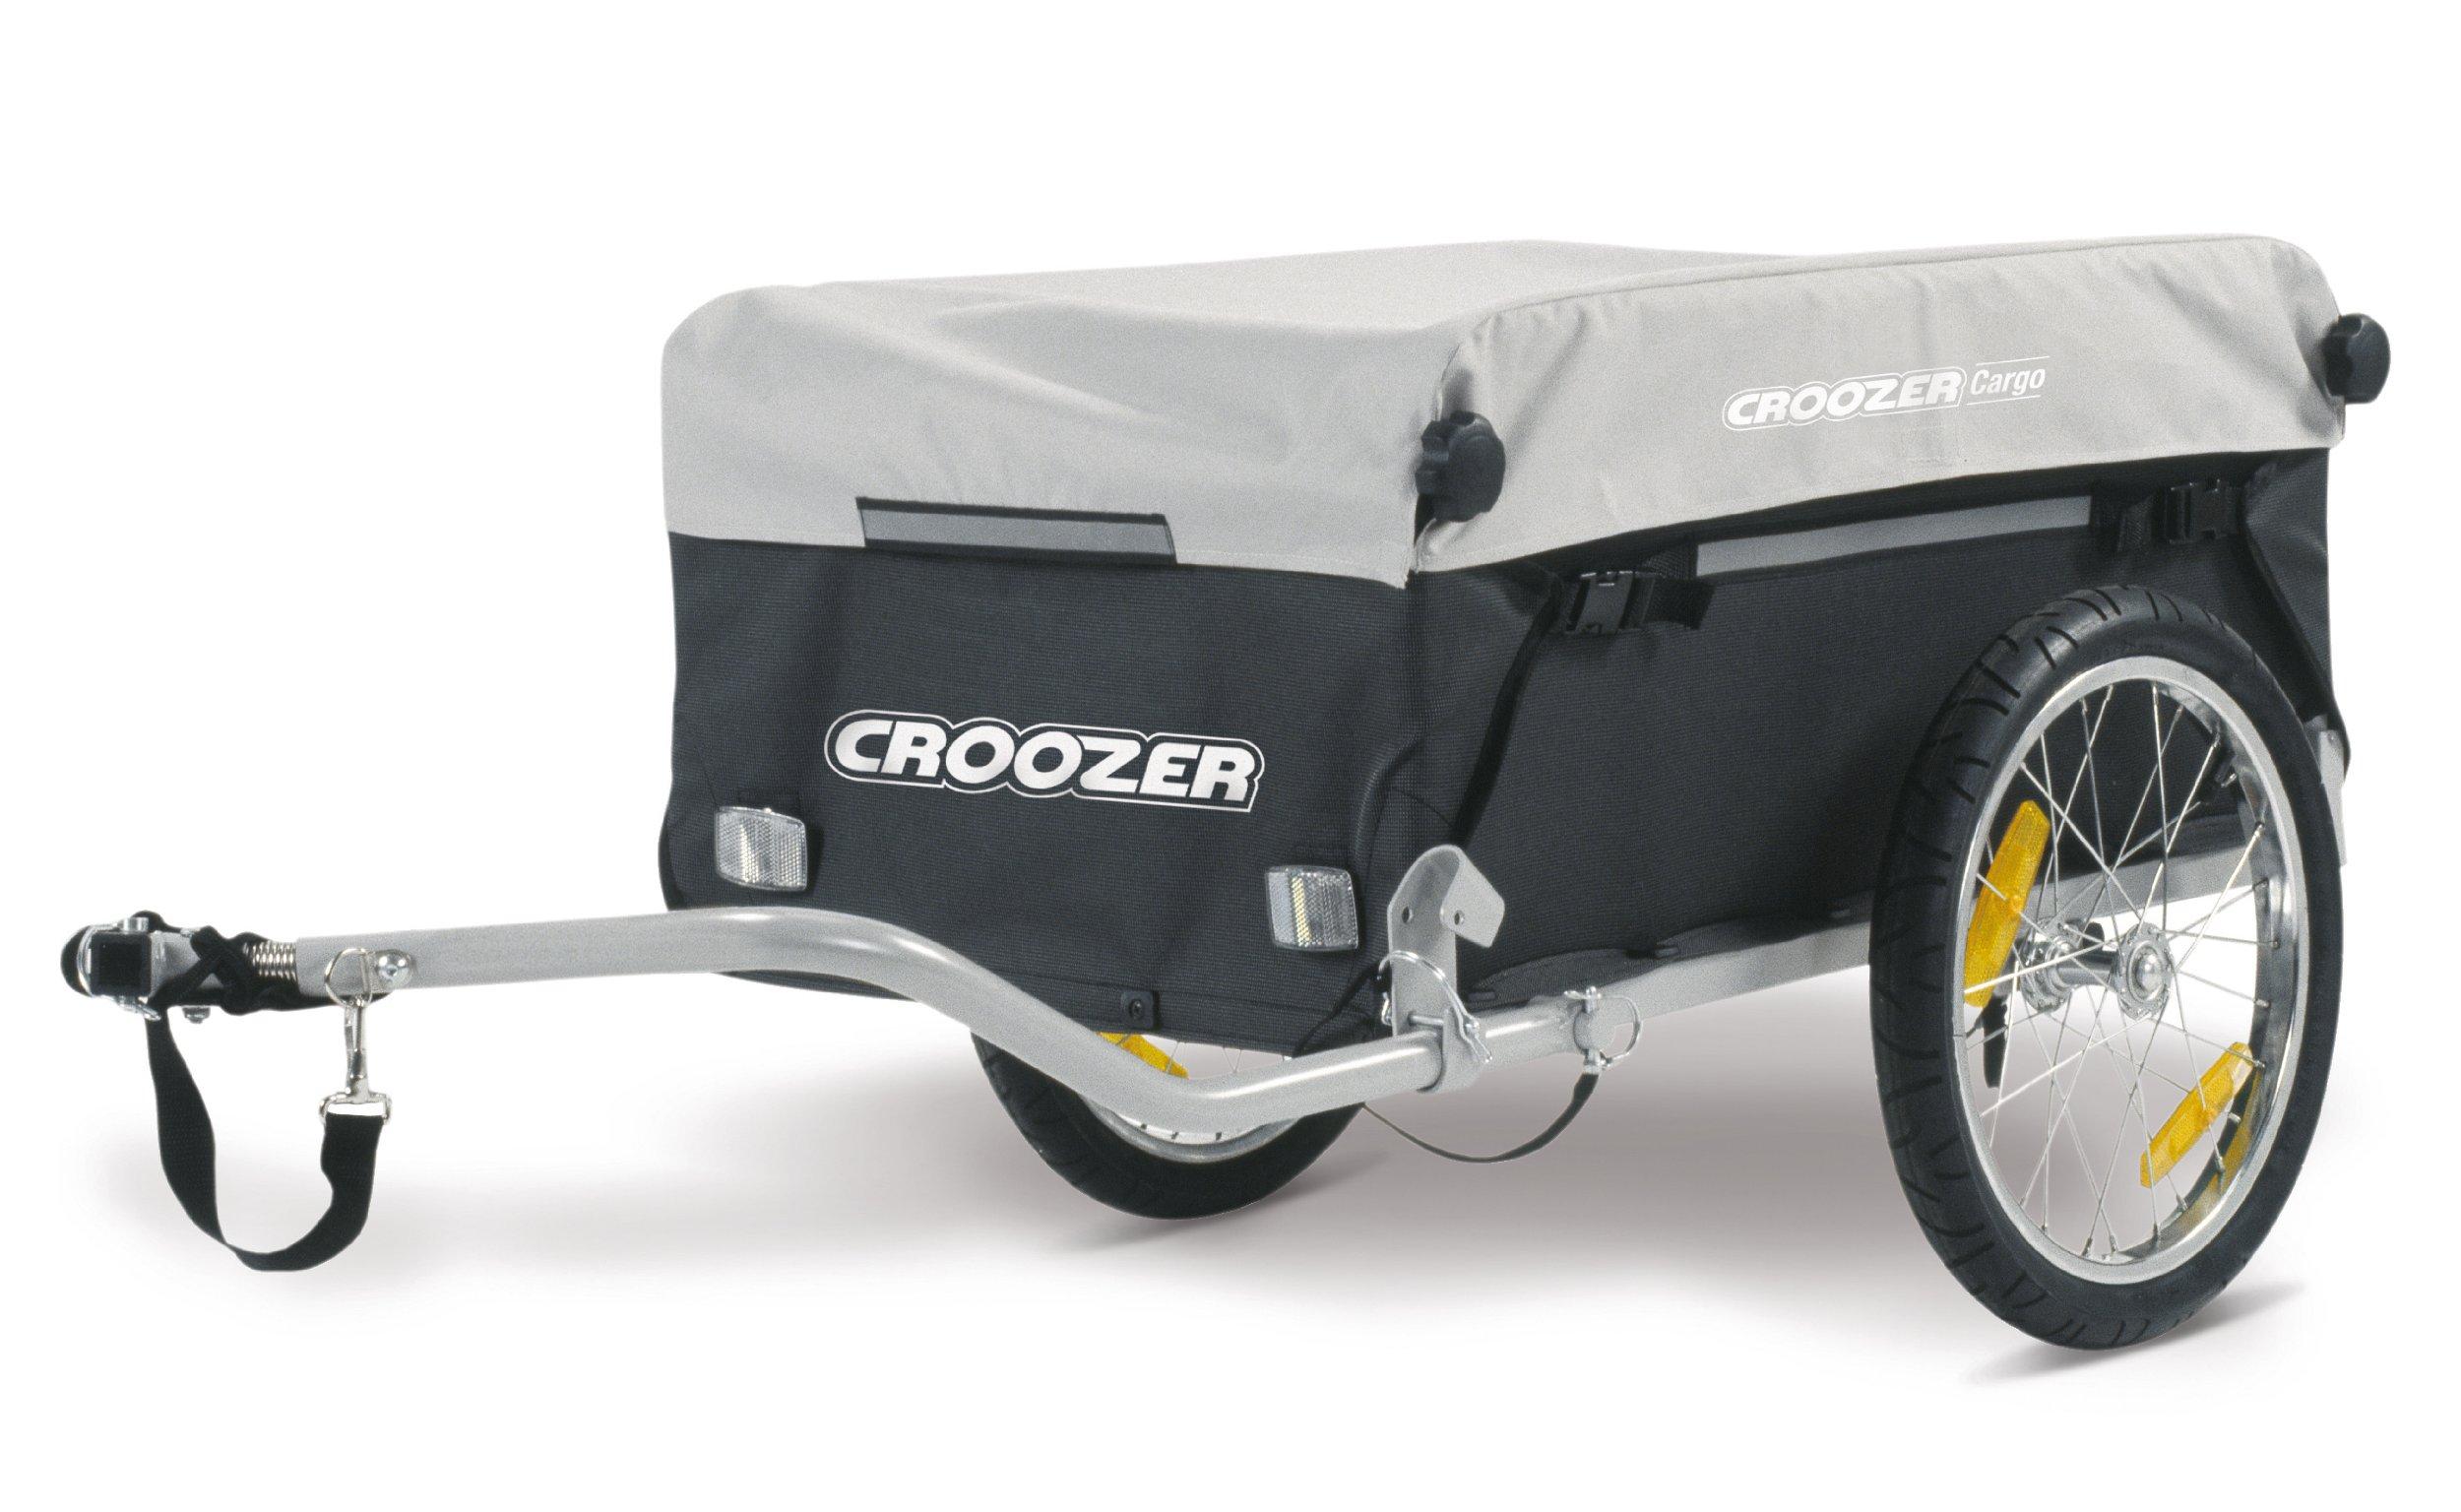 Croozer Fahrradanhänger Cargo - Remolque para Bicicletas (Cargo ...